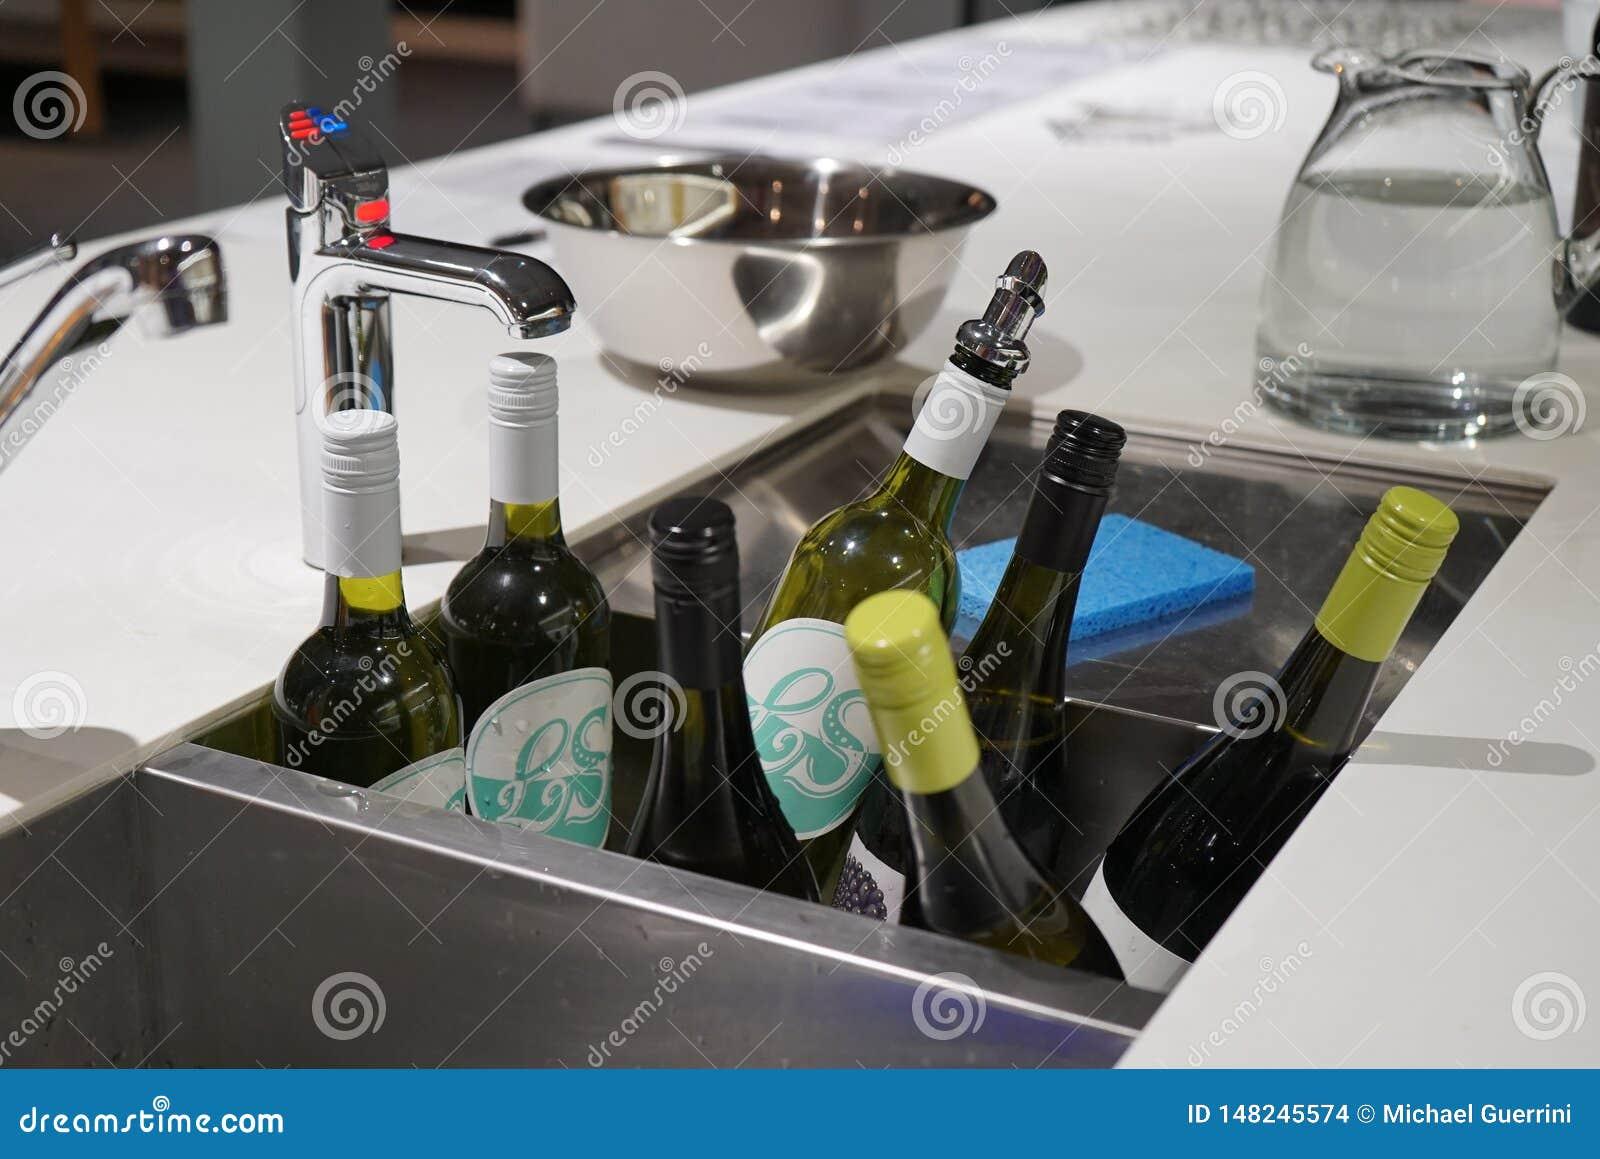 Bouteilles de vin étant refroidi dans un bain d évier complètement de glace et de l eau